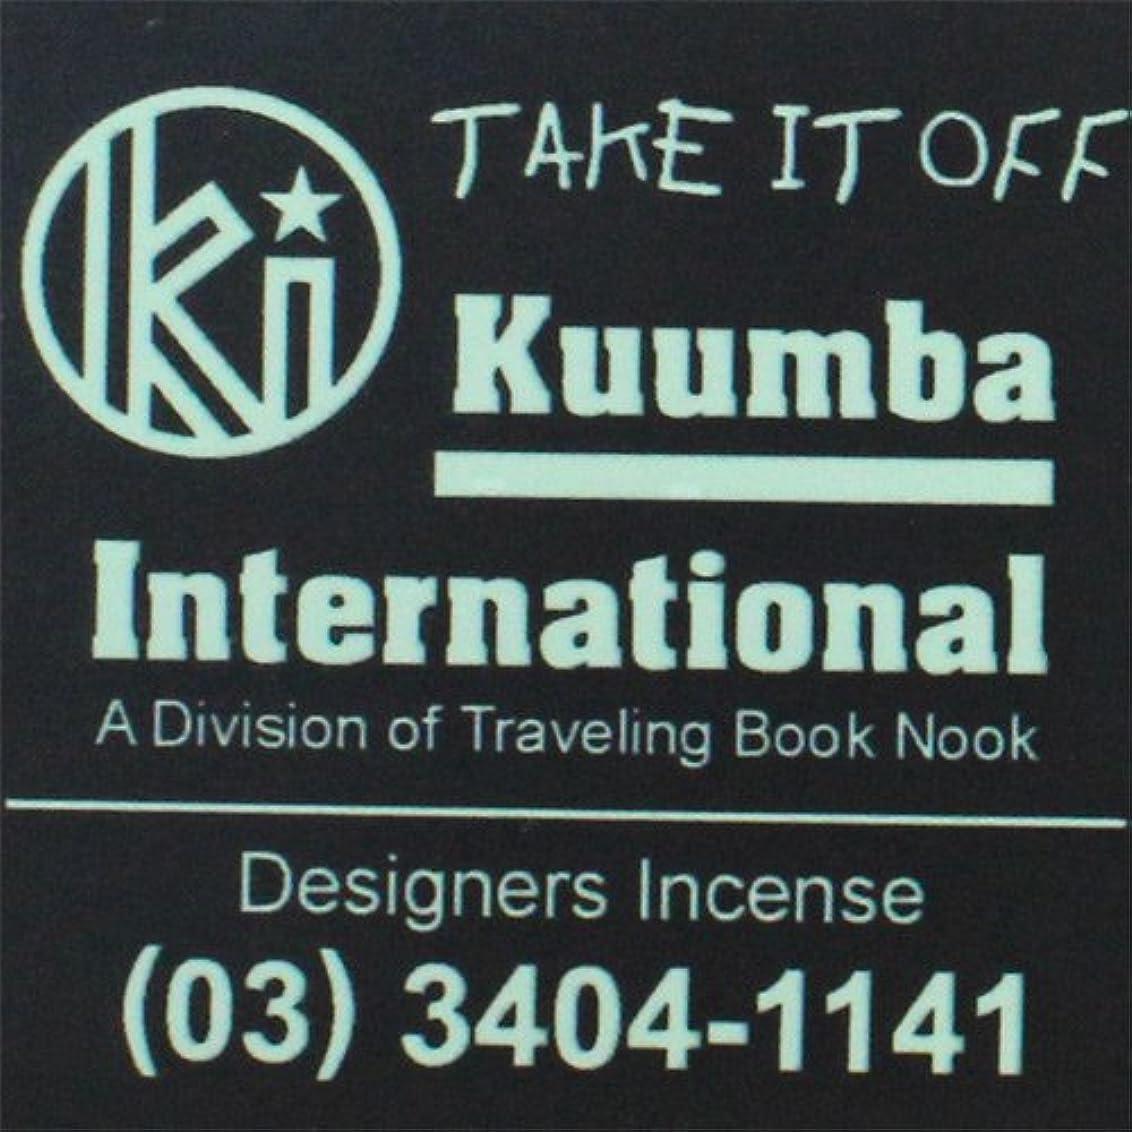 栄養ピニオン仲間KUUMBA / クンバ『incense』(TAKE IT OFF) (Regular size)